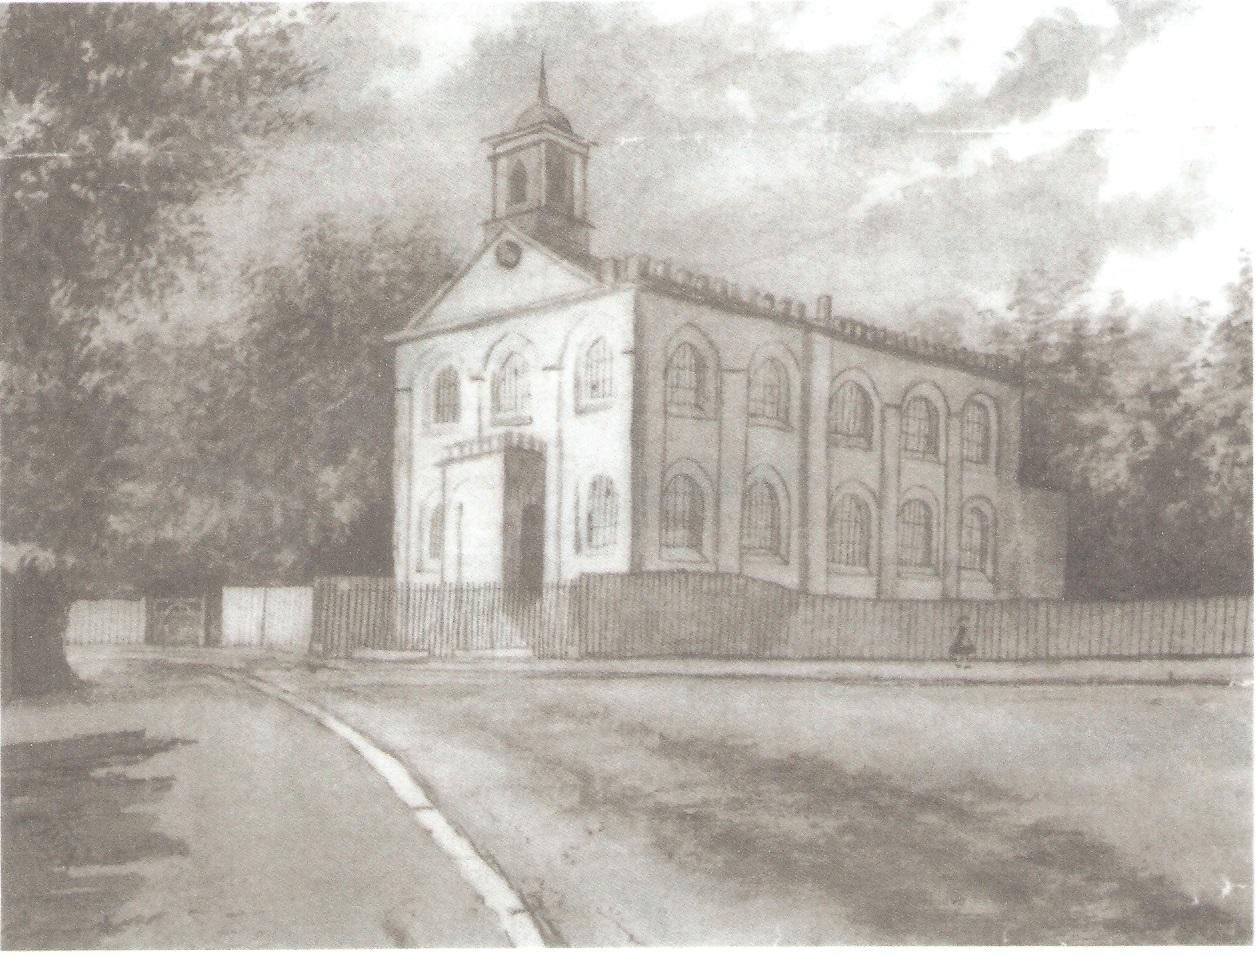 East Dulwich Chapel